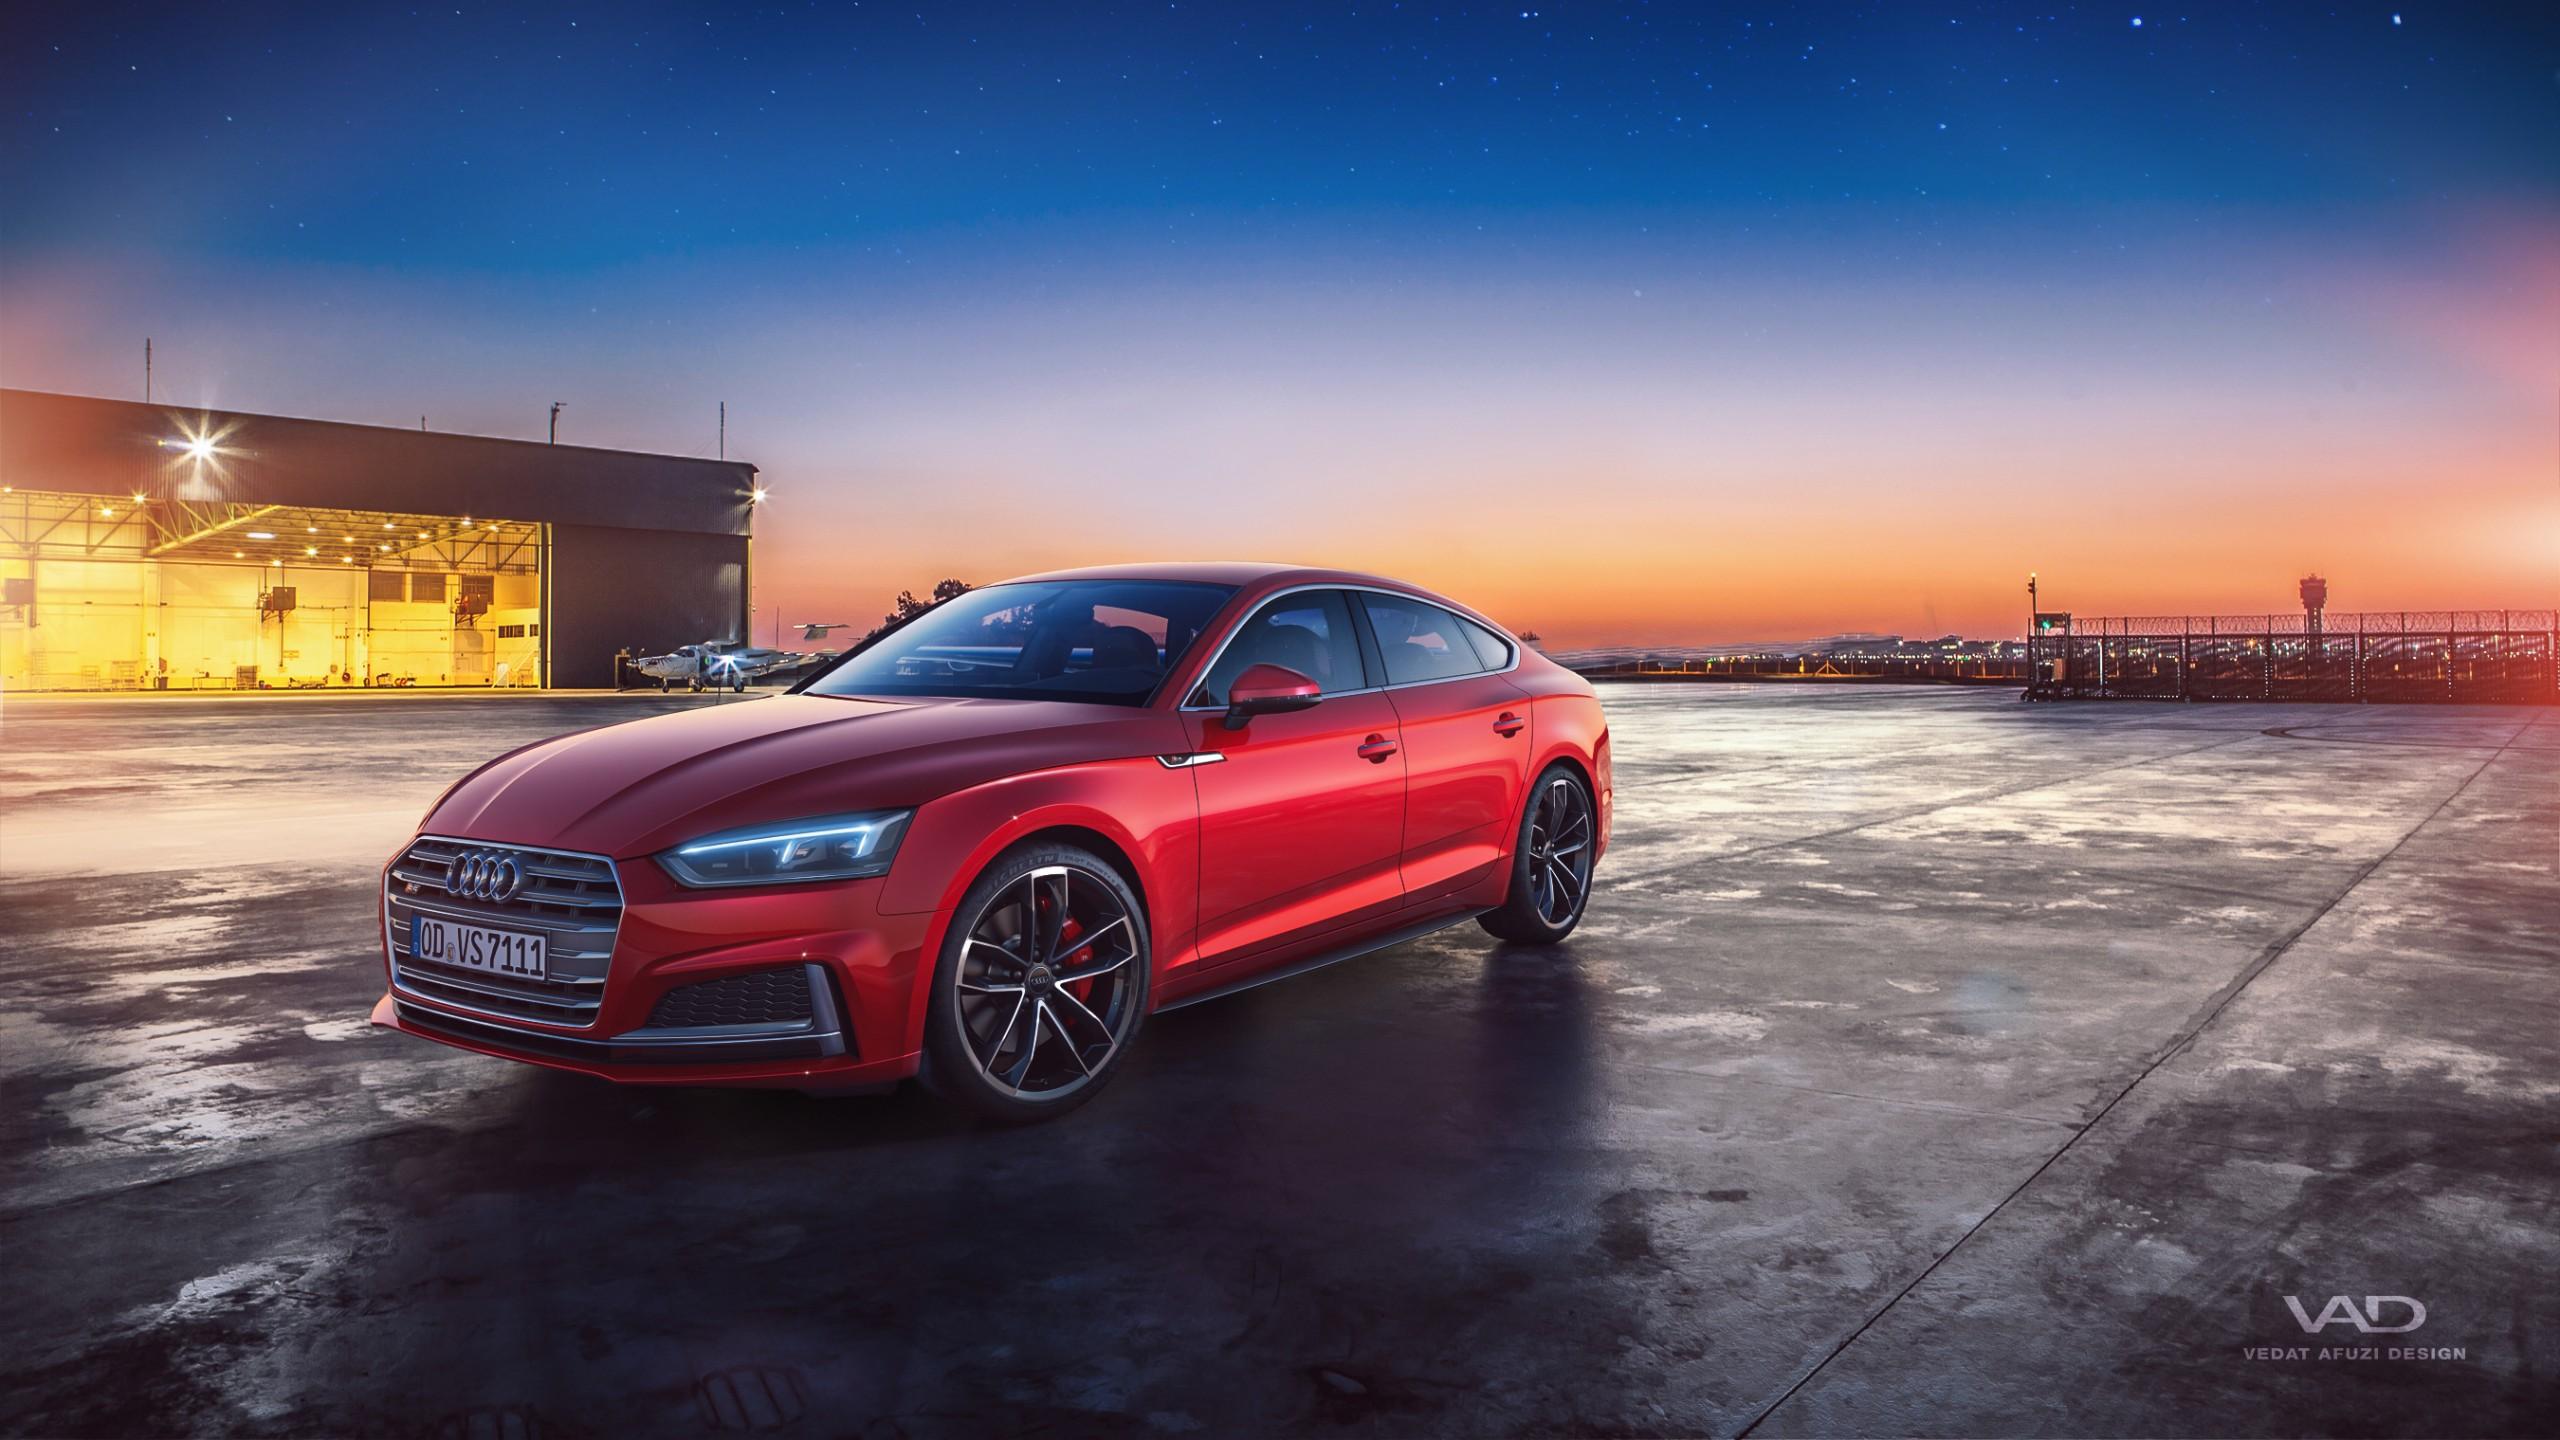 Audi S5 Sportback CGI Wallpaper HD Car Wallpapers